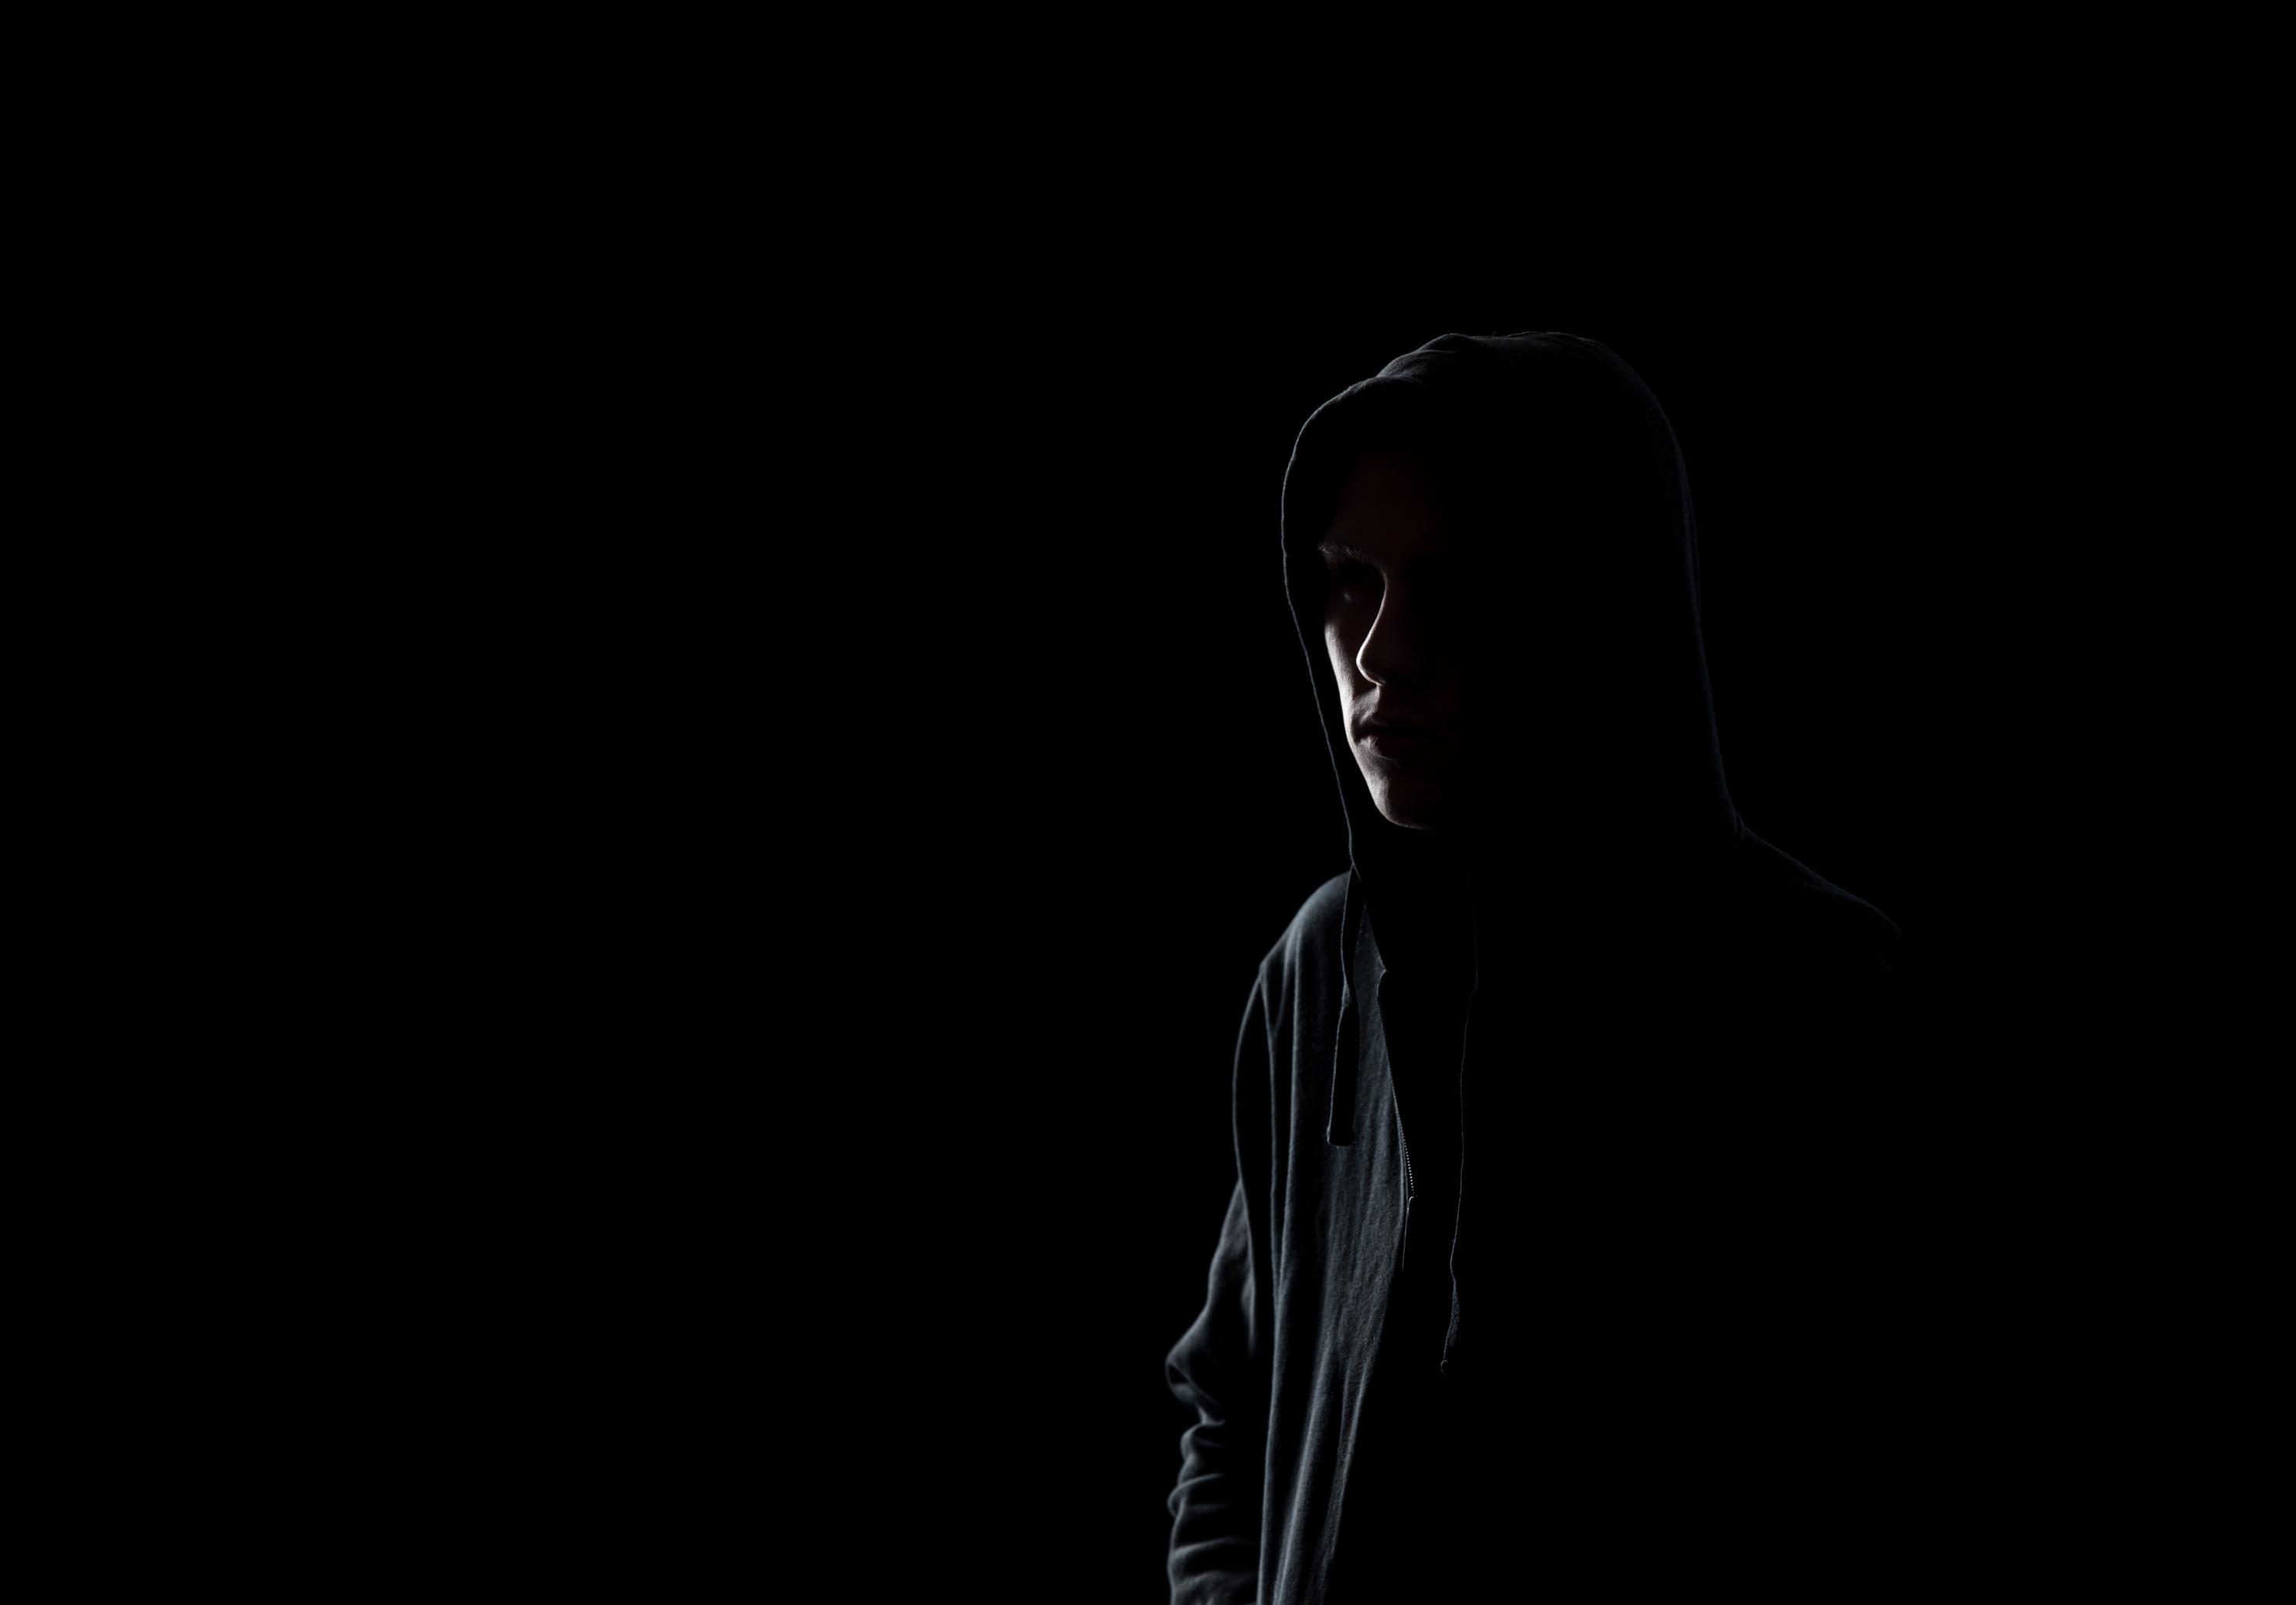 Intruder in the darkness